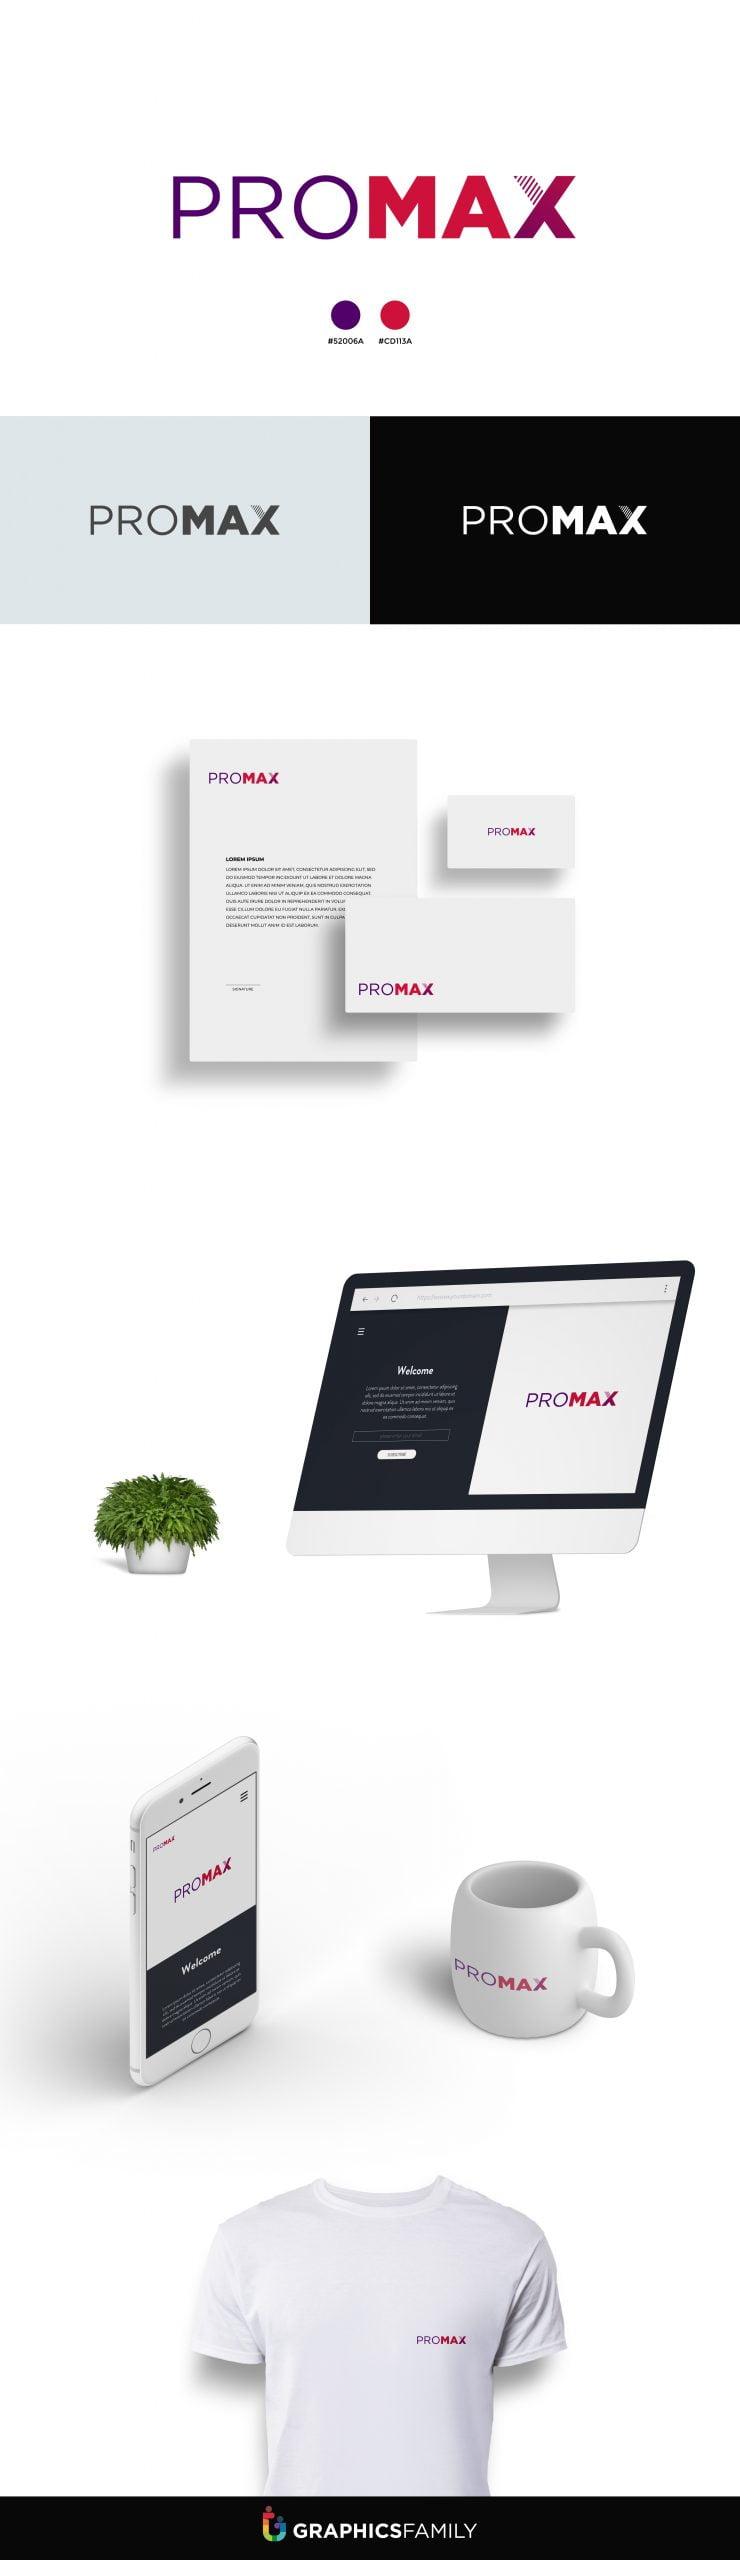 Promax Logo Design Download